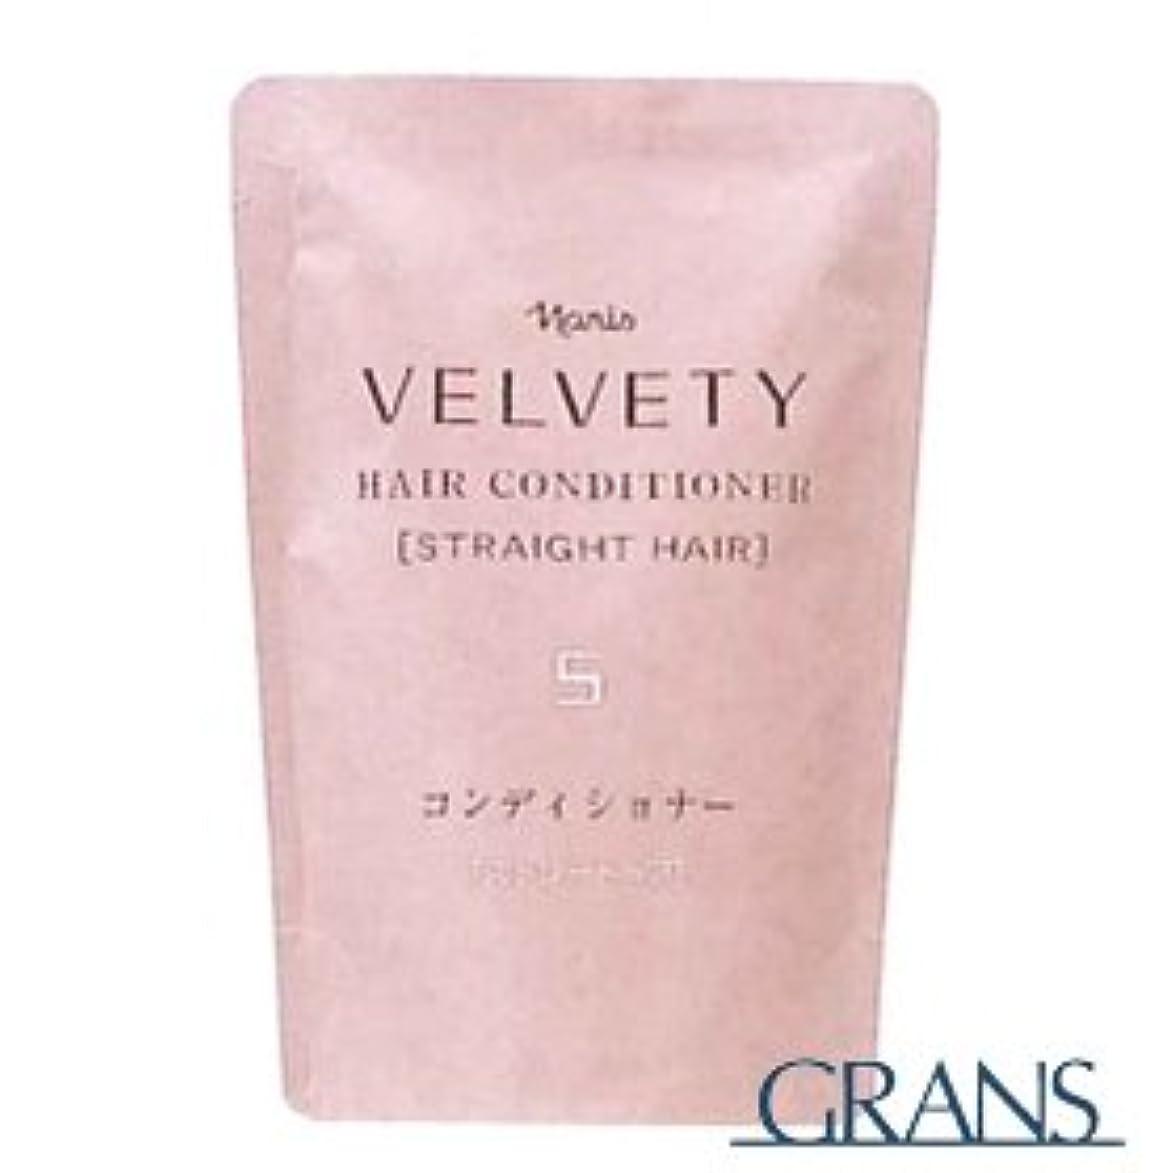 ナリス化粧品 ベルベッティ ヘアコンディショナーS カエ300ml<ストレートヘア>